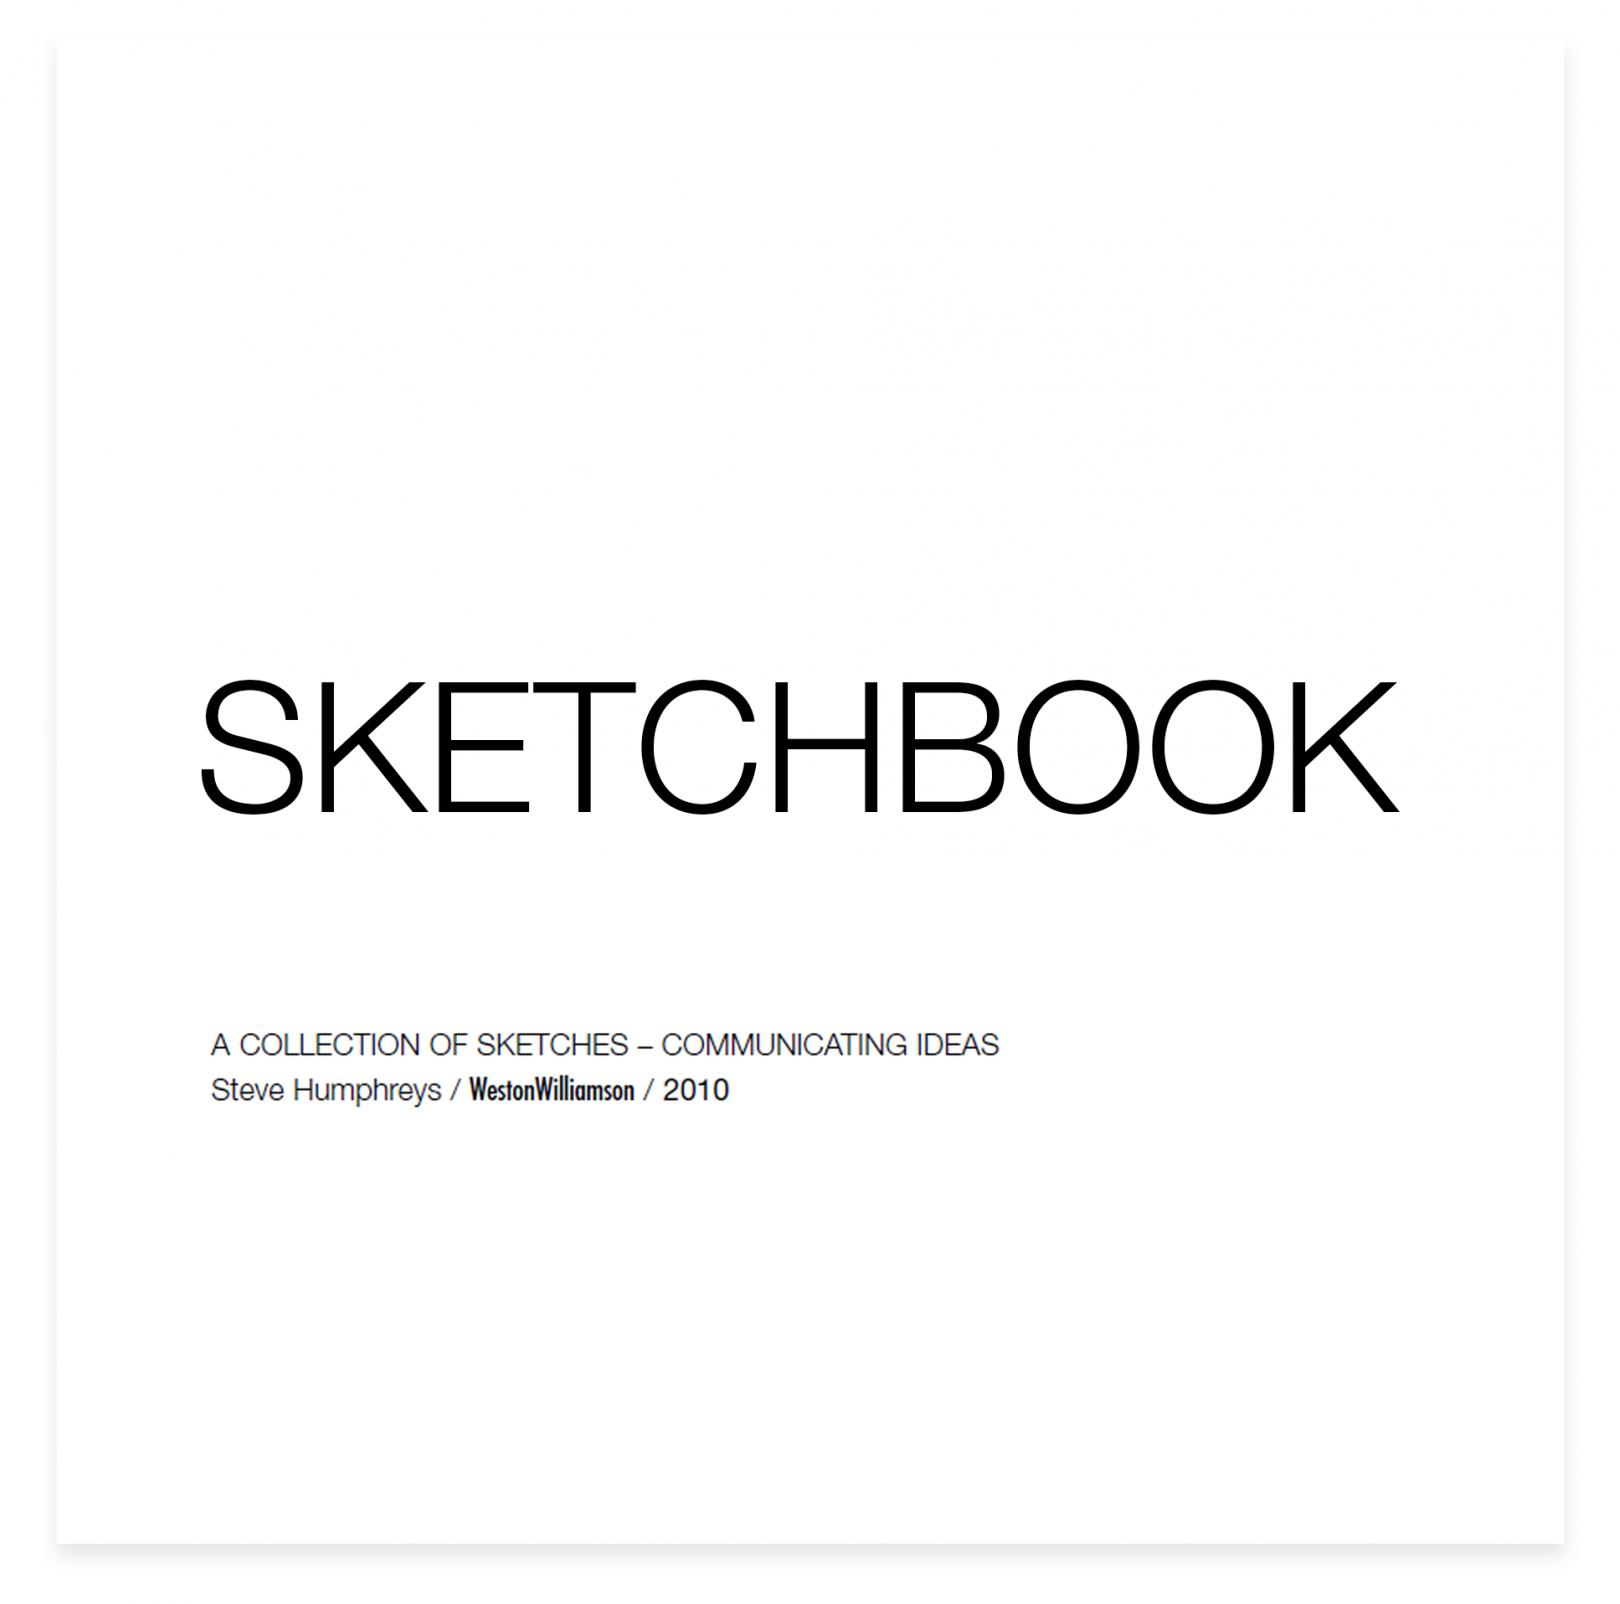 SKETCHBOOK-COVER1.png#asset:7020:entryImage